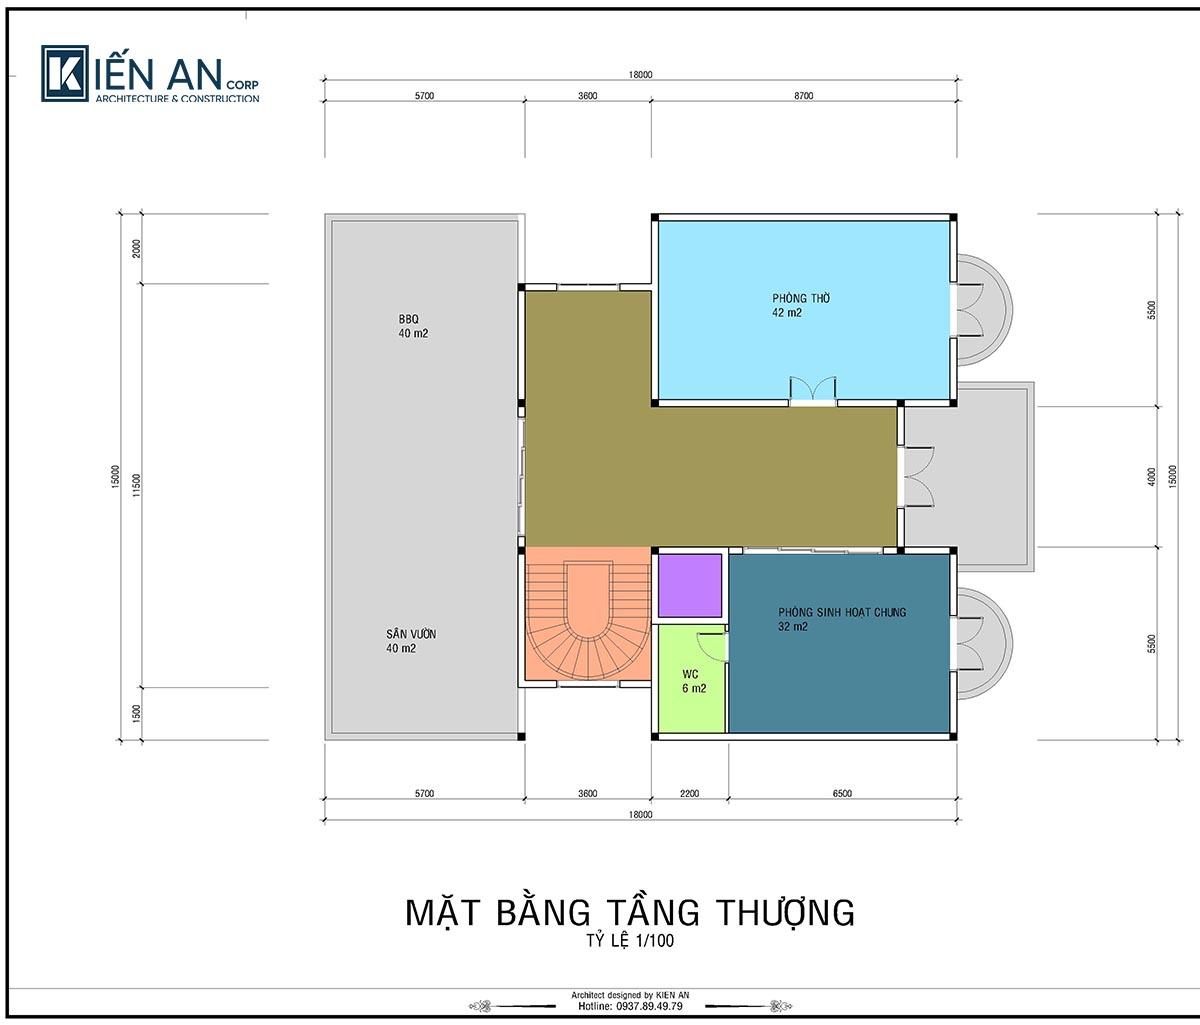 Bản vẽ mặt bằng mẫu thiết kế biệt thự cổ điển 4 tầng